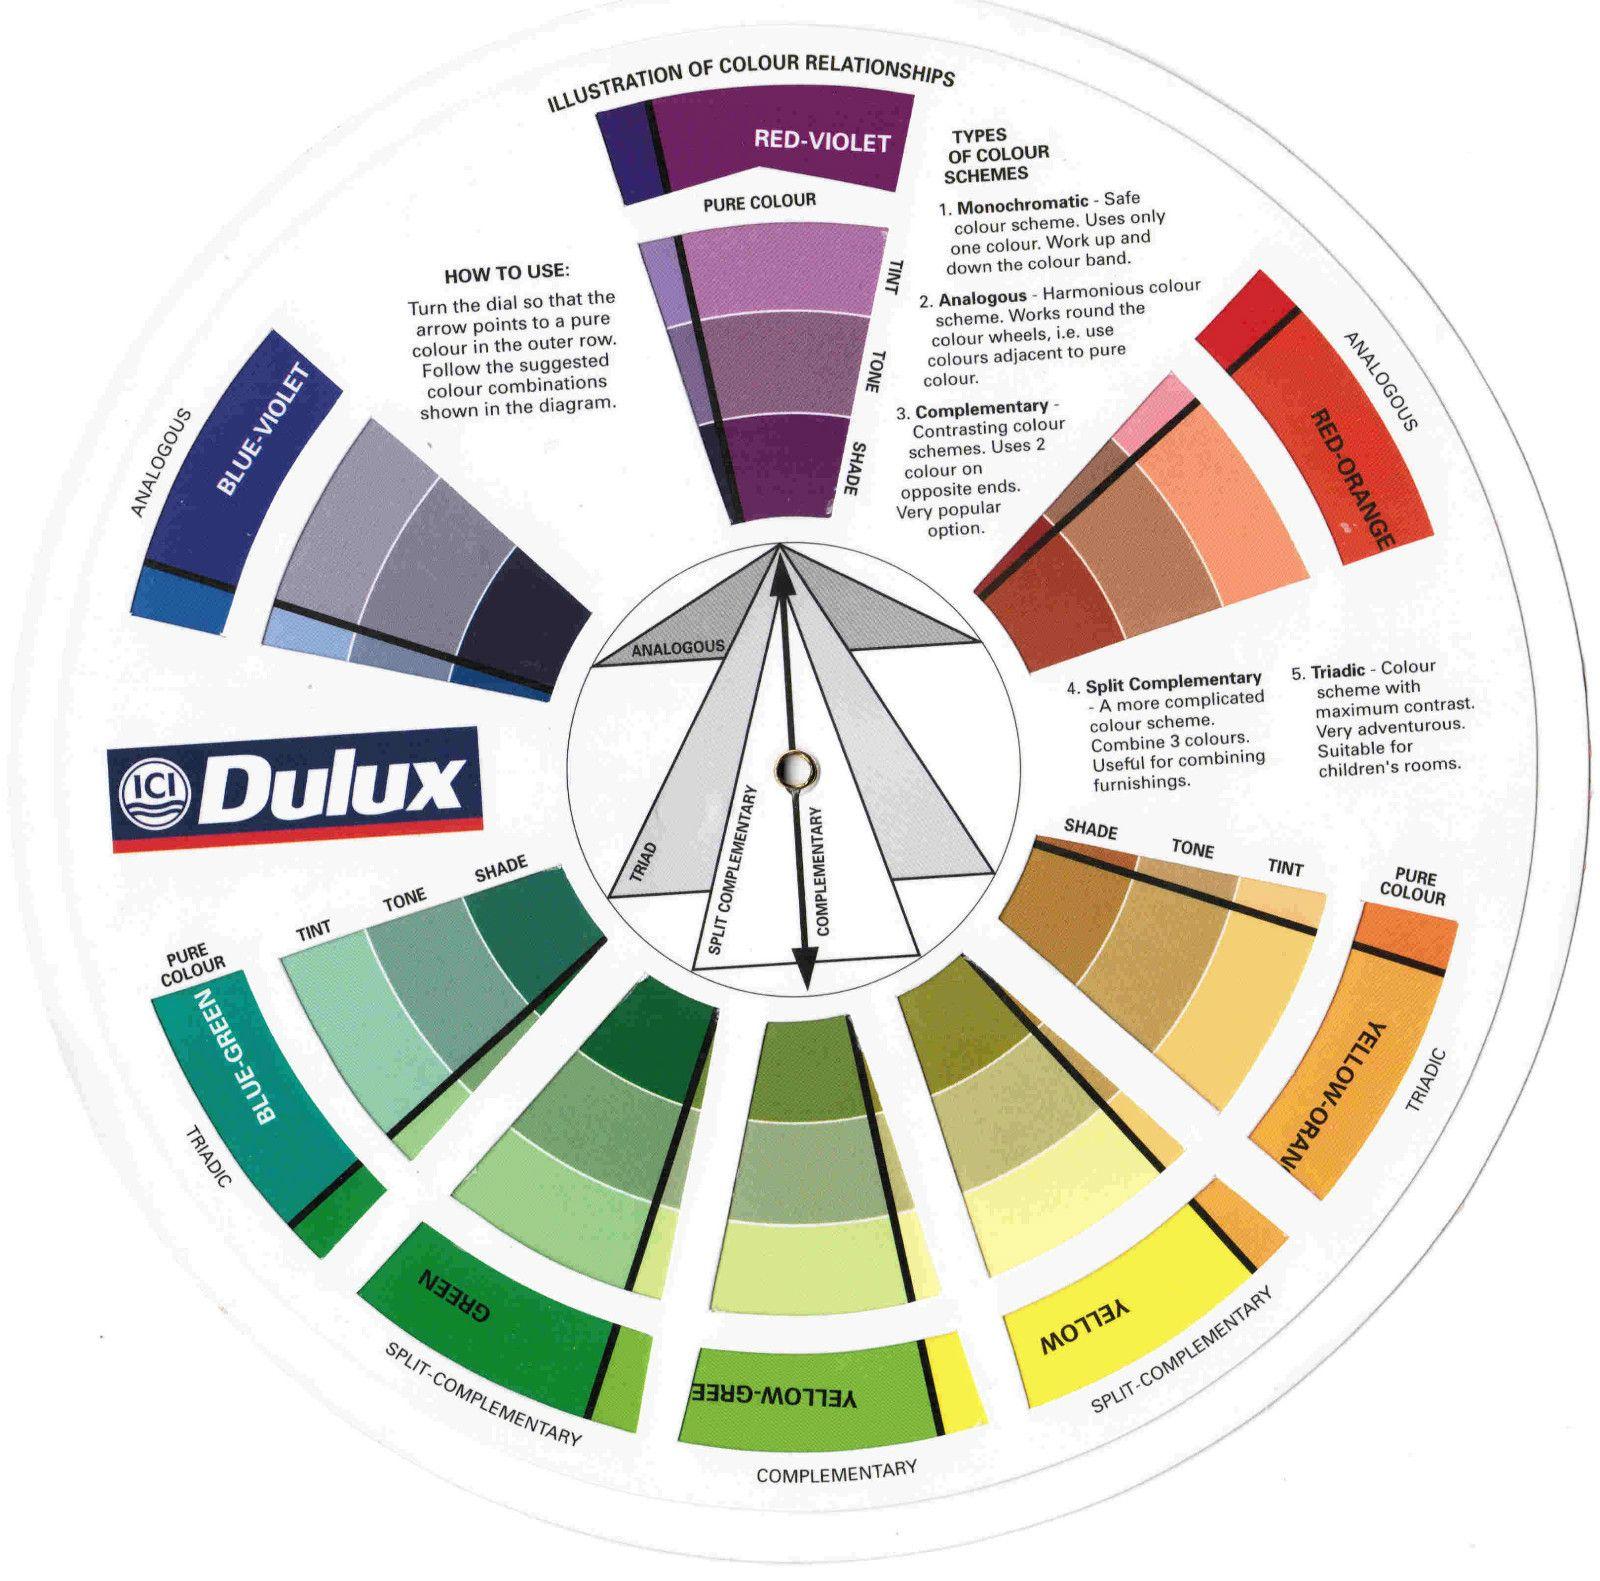 Ici Dulux Color Wheel Dulux Paint Colour Chart Paint Color Chart